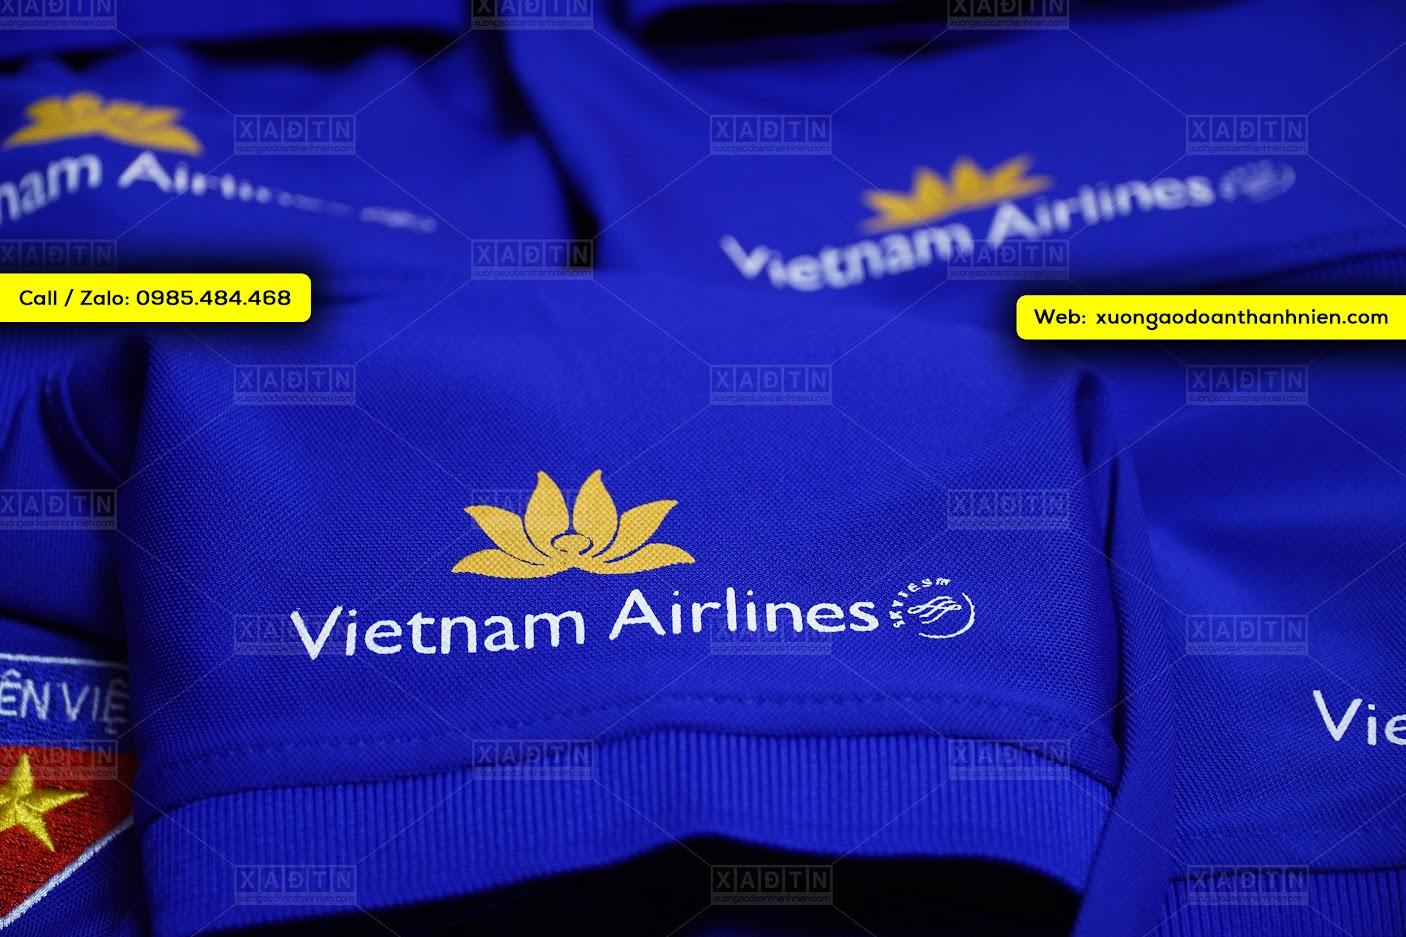 Đơn hàng Vietnam Airlines - Tổng công ty Hàng không Việt Nam